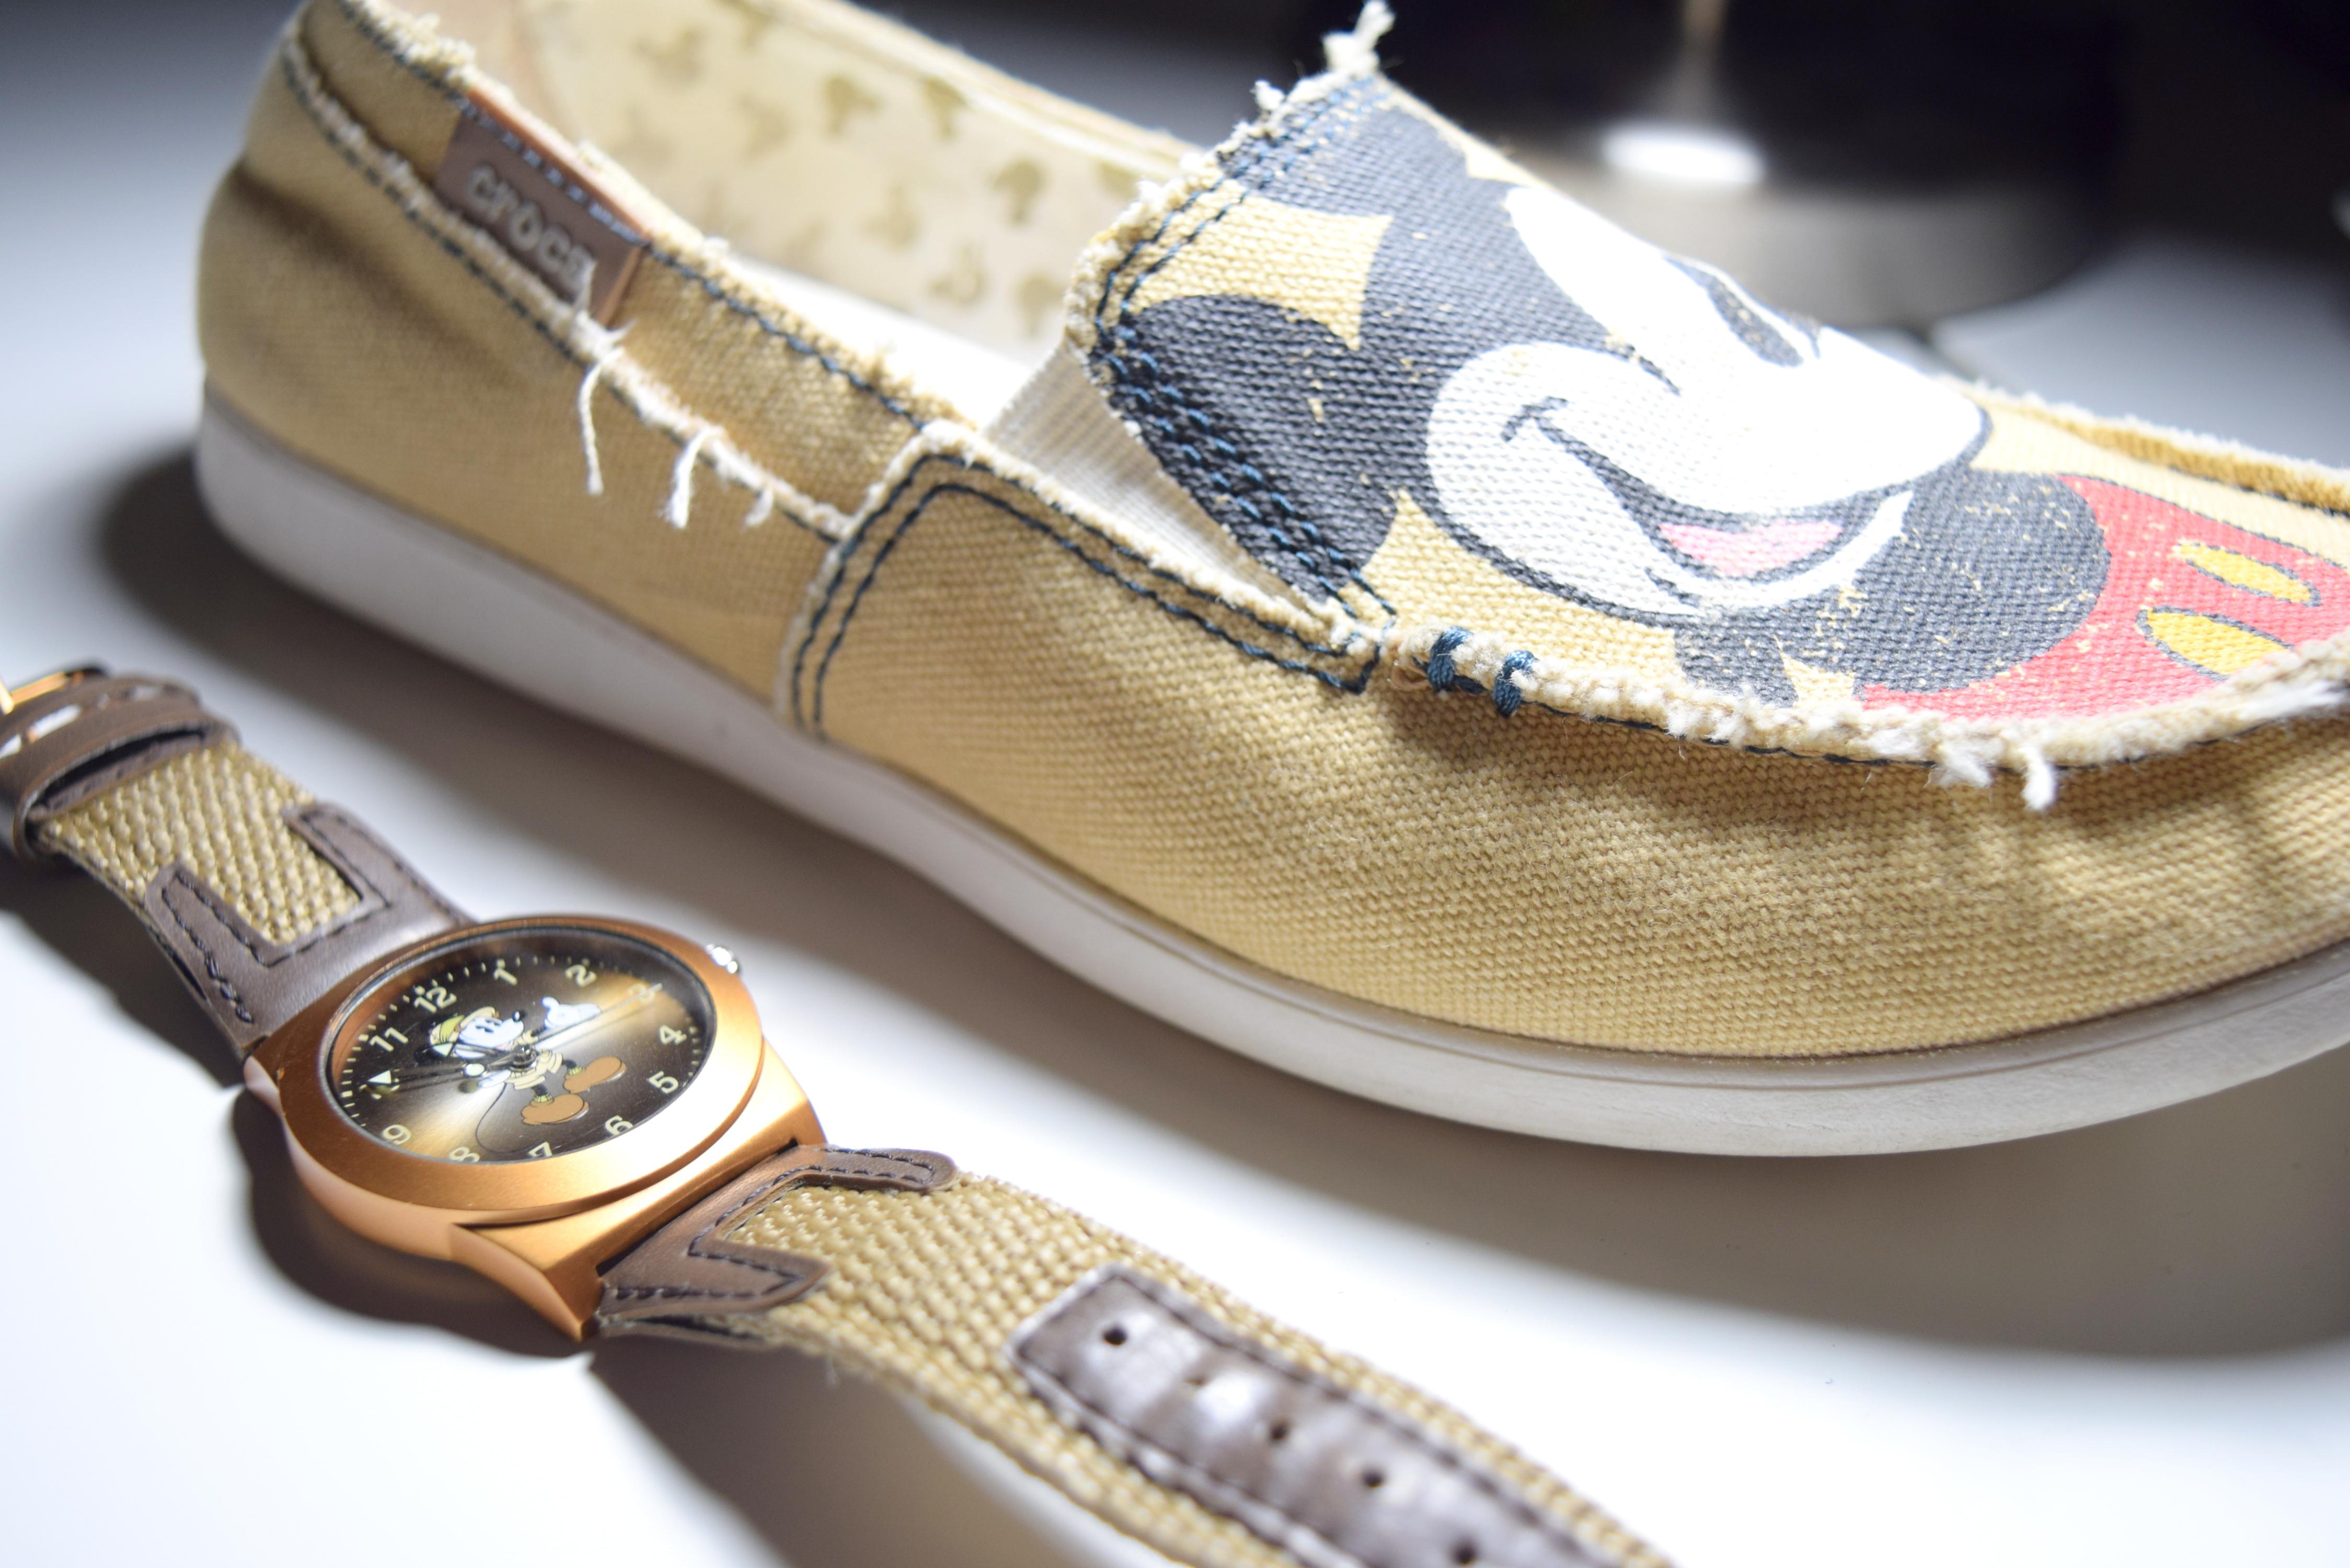 Sapatênis da Crocs comprado na World of Disney e relógio Mickey safári comprado no Animal Kingdom